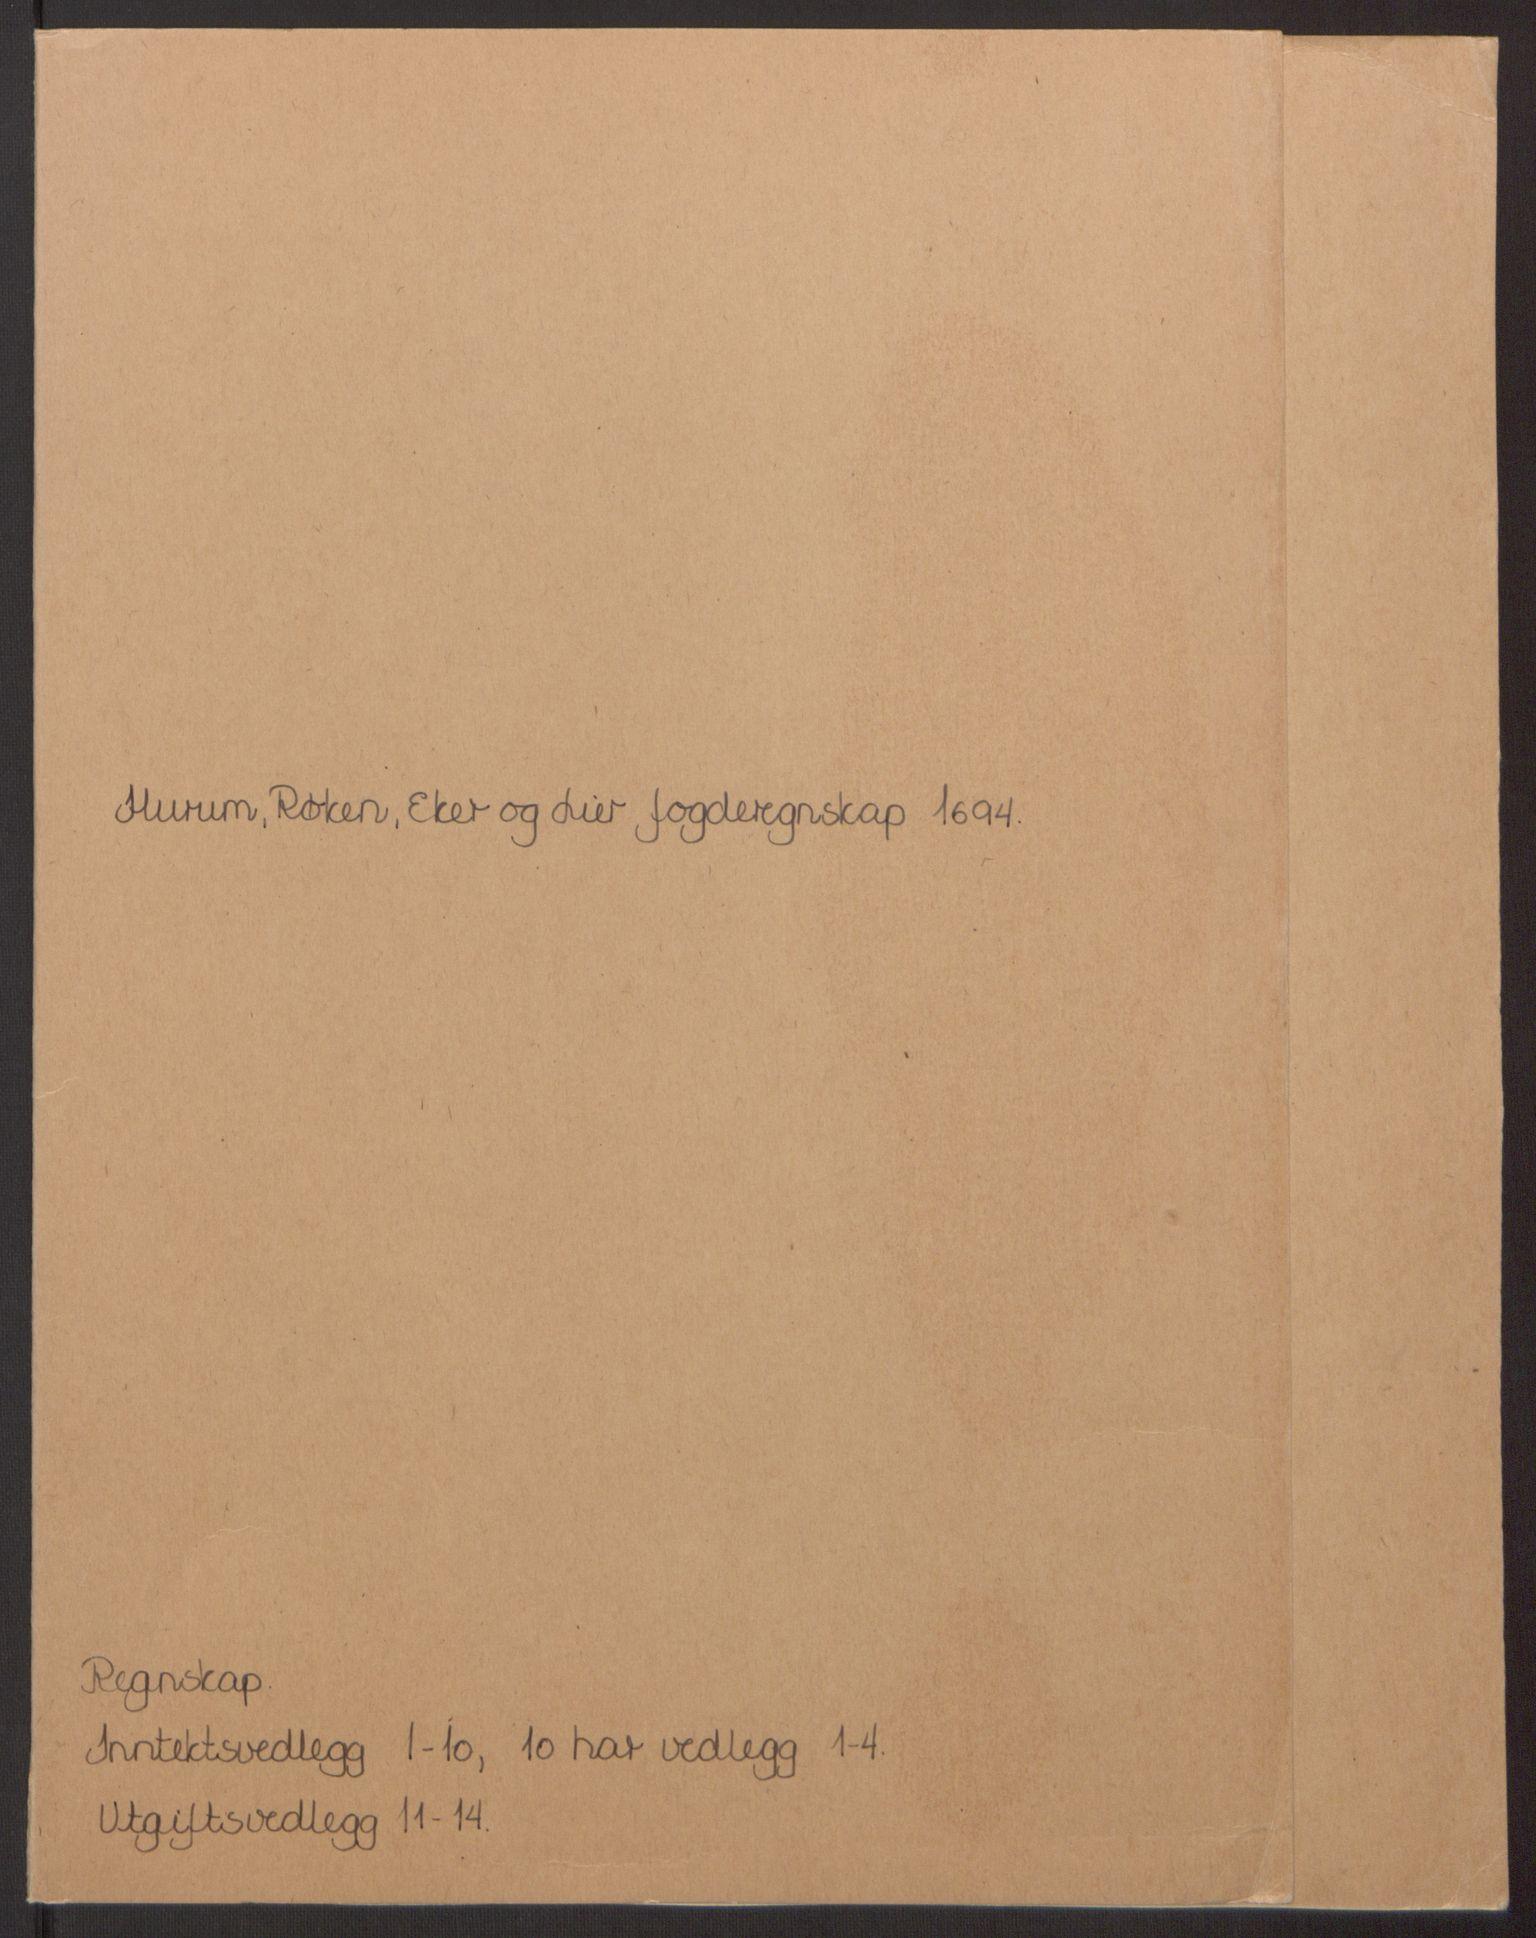 RA, Rentekammeret inntil 1814, Reviderte regnskaper, Fogderegnskap, R30/L1694: Fogderegnskap Hurum, Røyken, Eiker og Lier, 1694-1696, s. 2